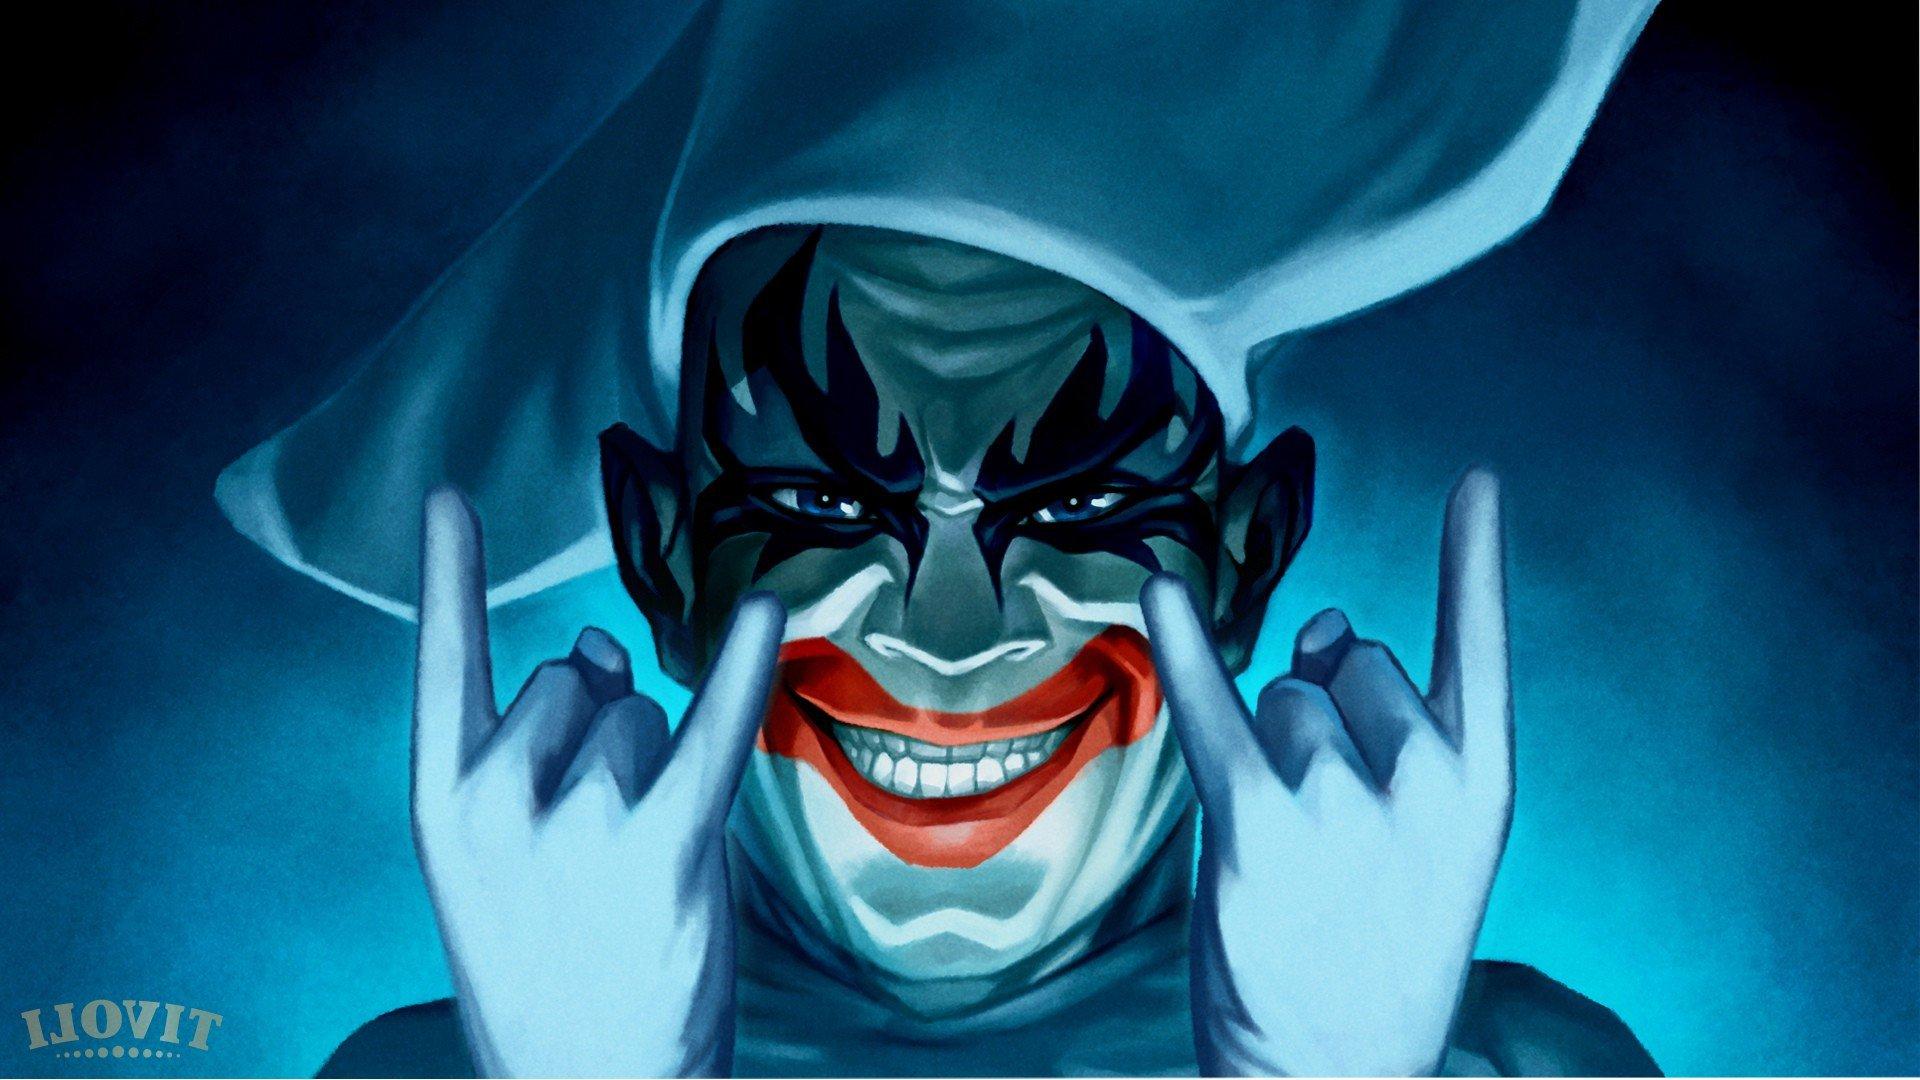 2016 Joker Art 540x960 Resolution